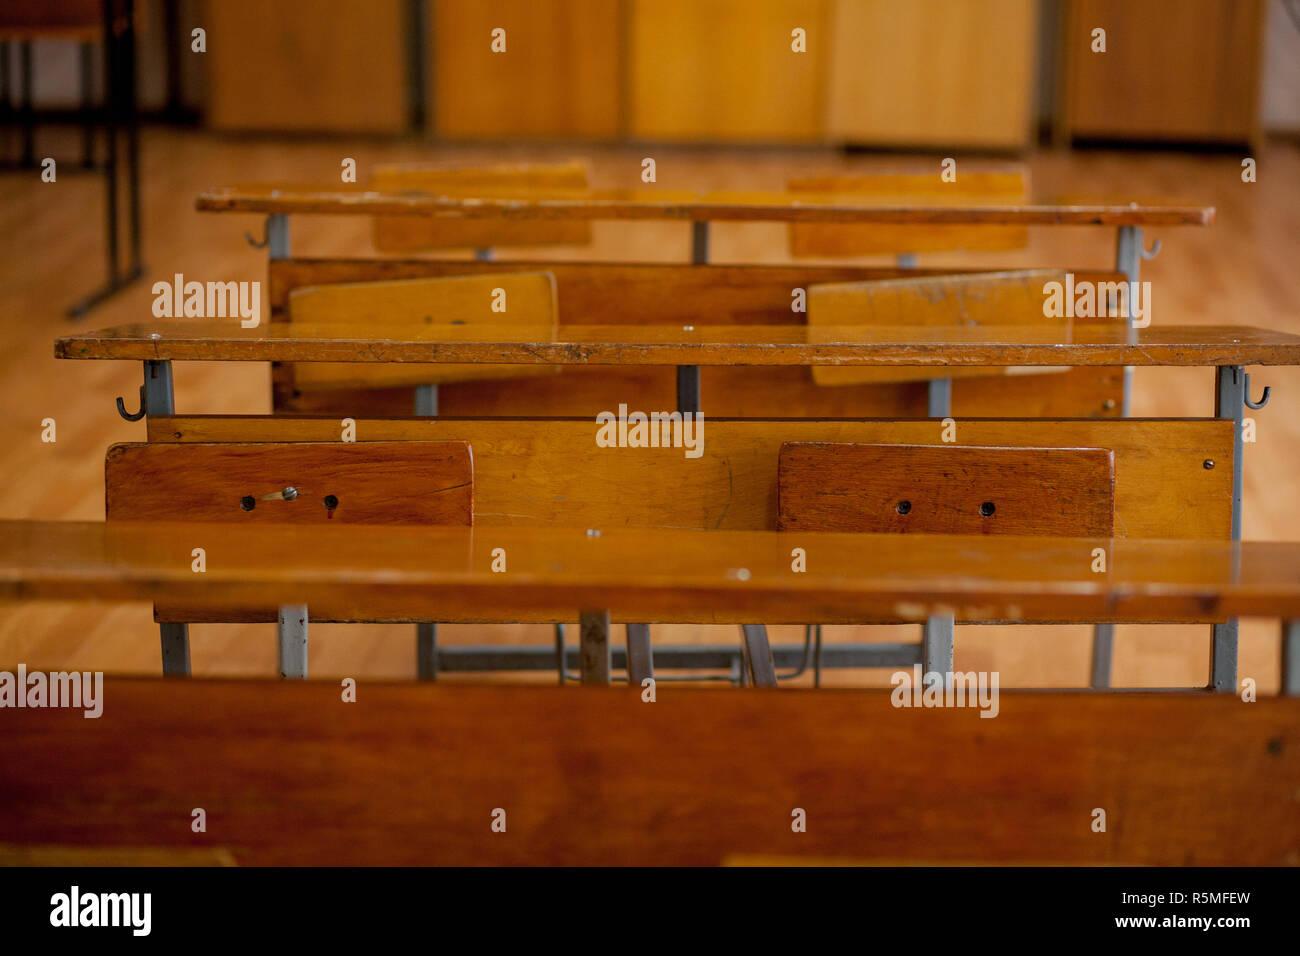 Old Vintage Wooden School Desks in Classroom Stock Photo ...